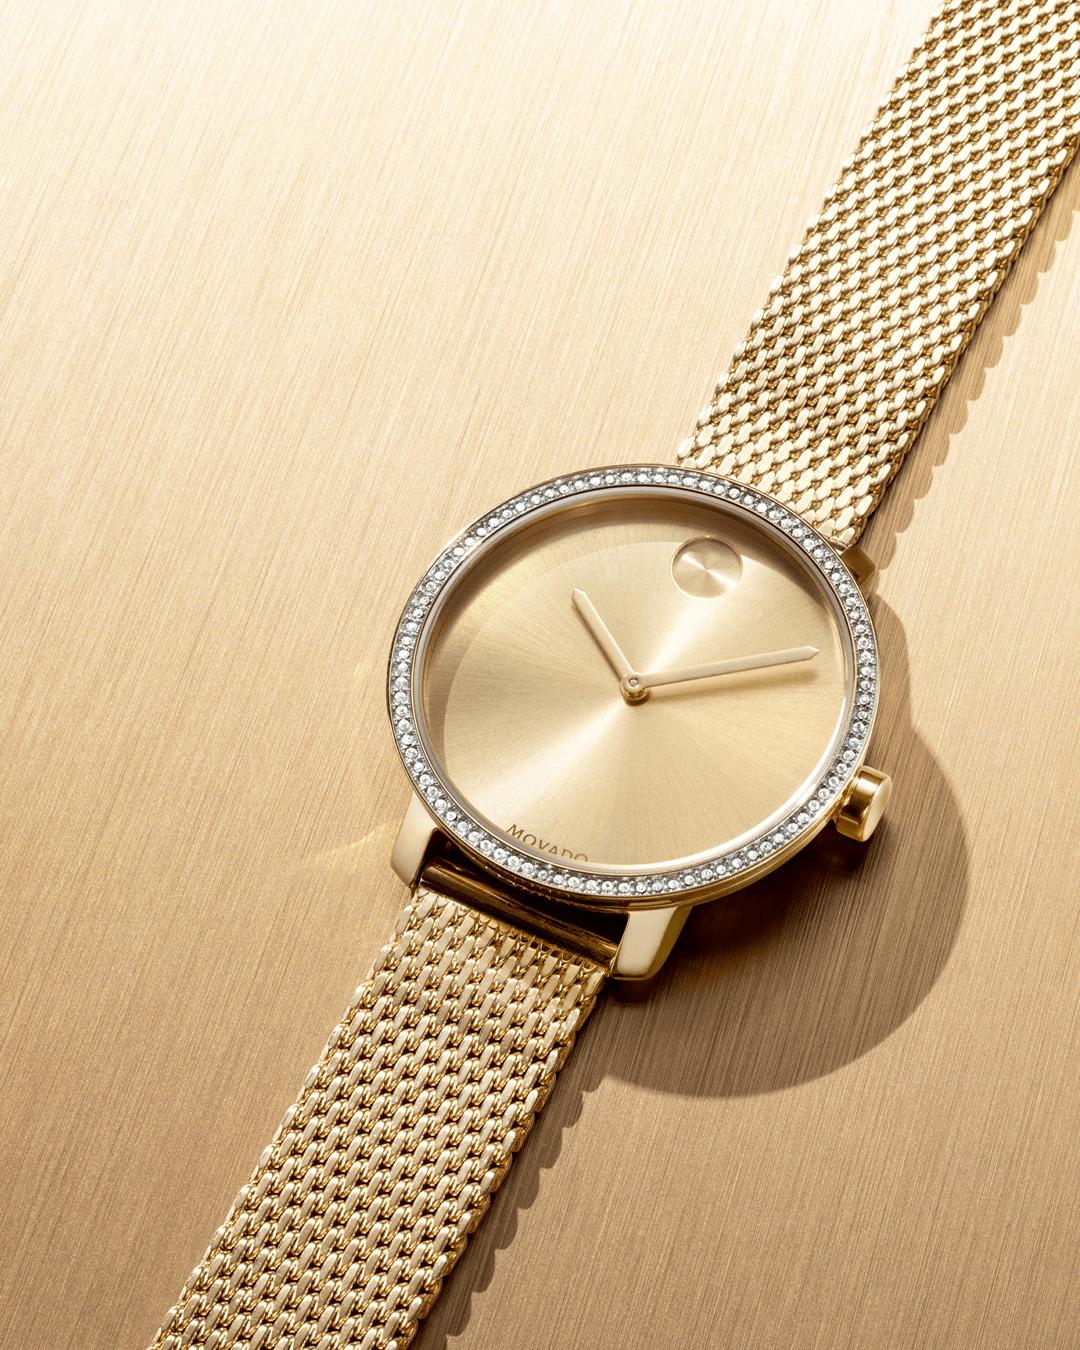 đồng hồ Movado kim cương cao cấp chính hãng